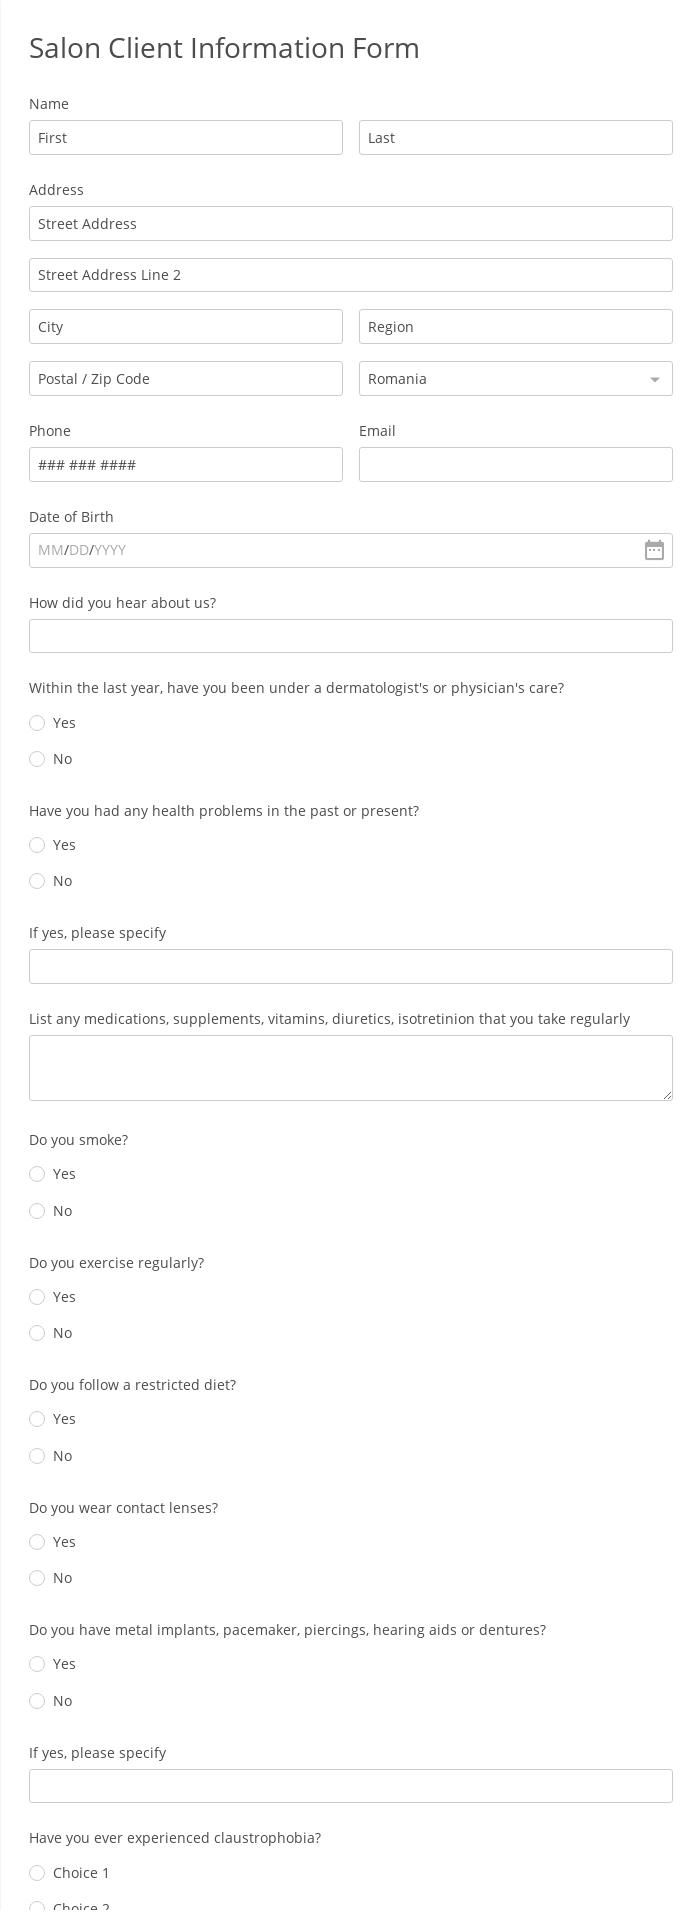 Salon Client Information Form